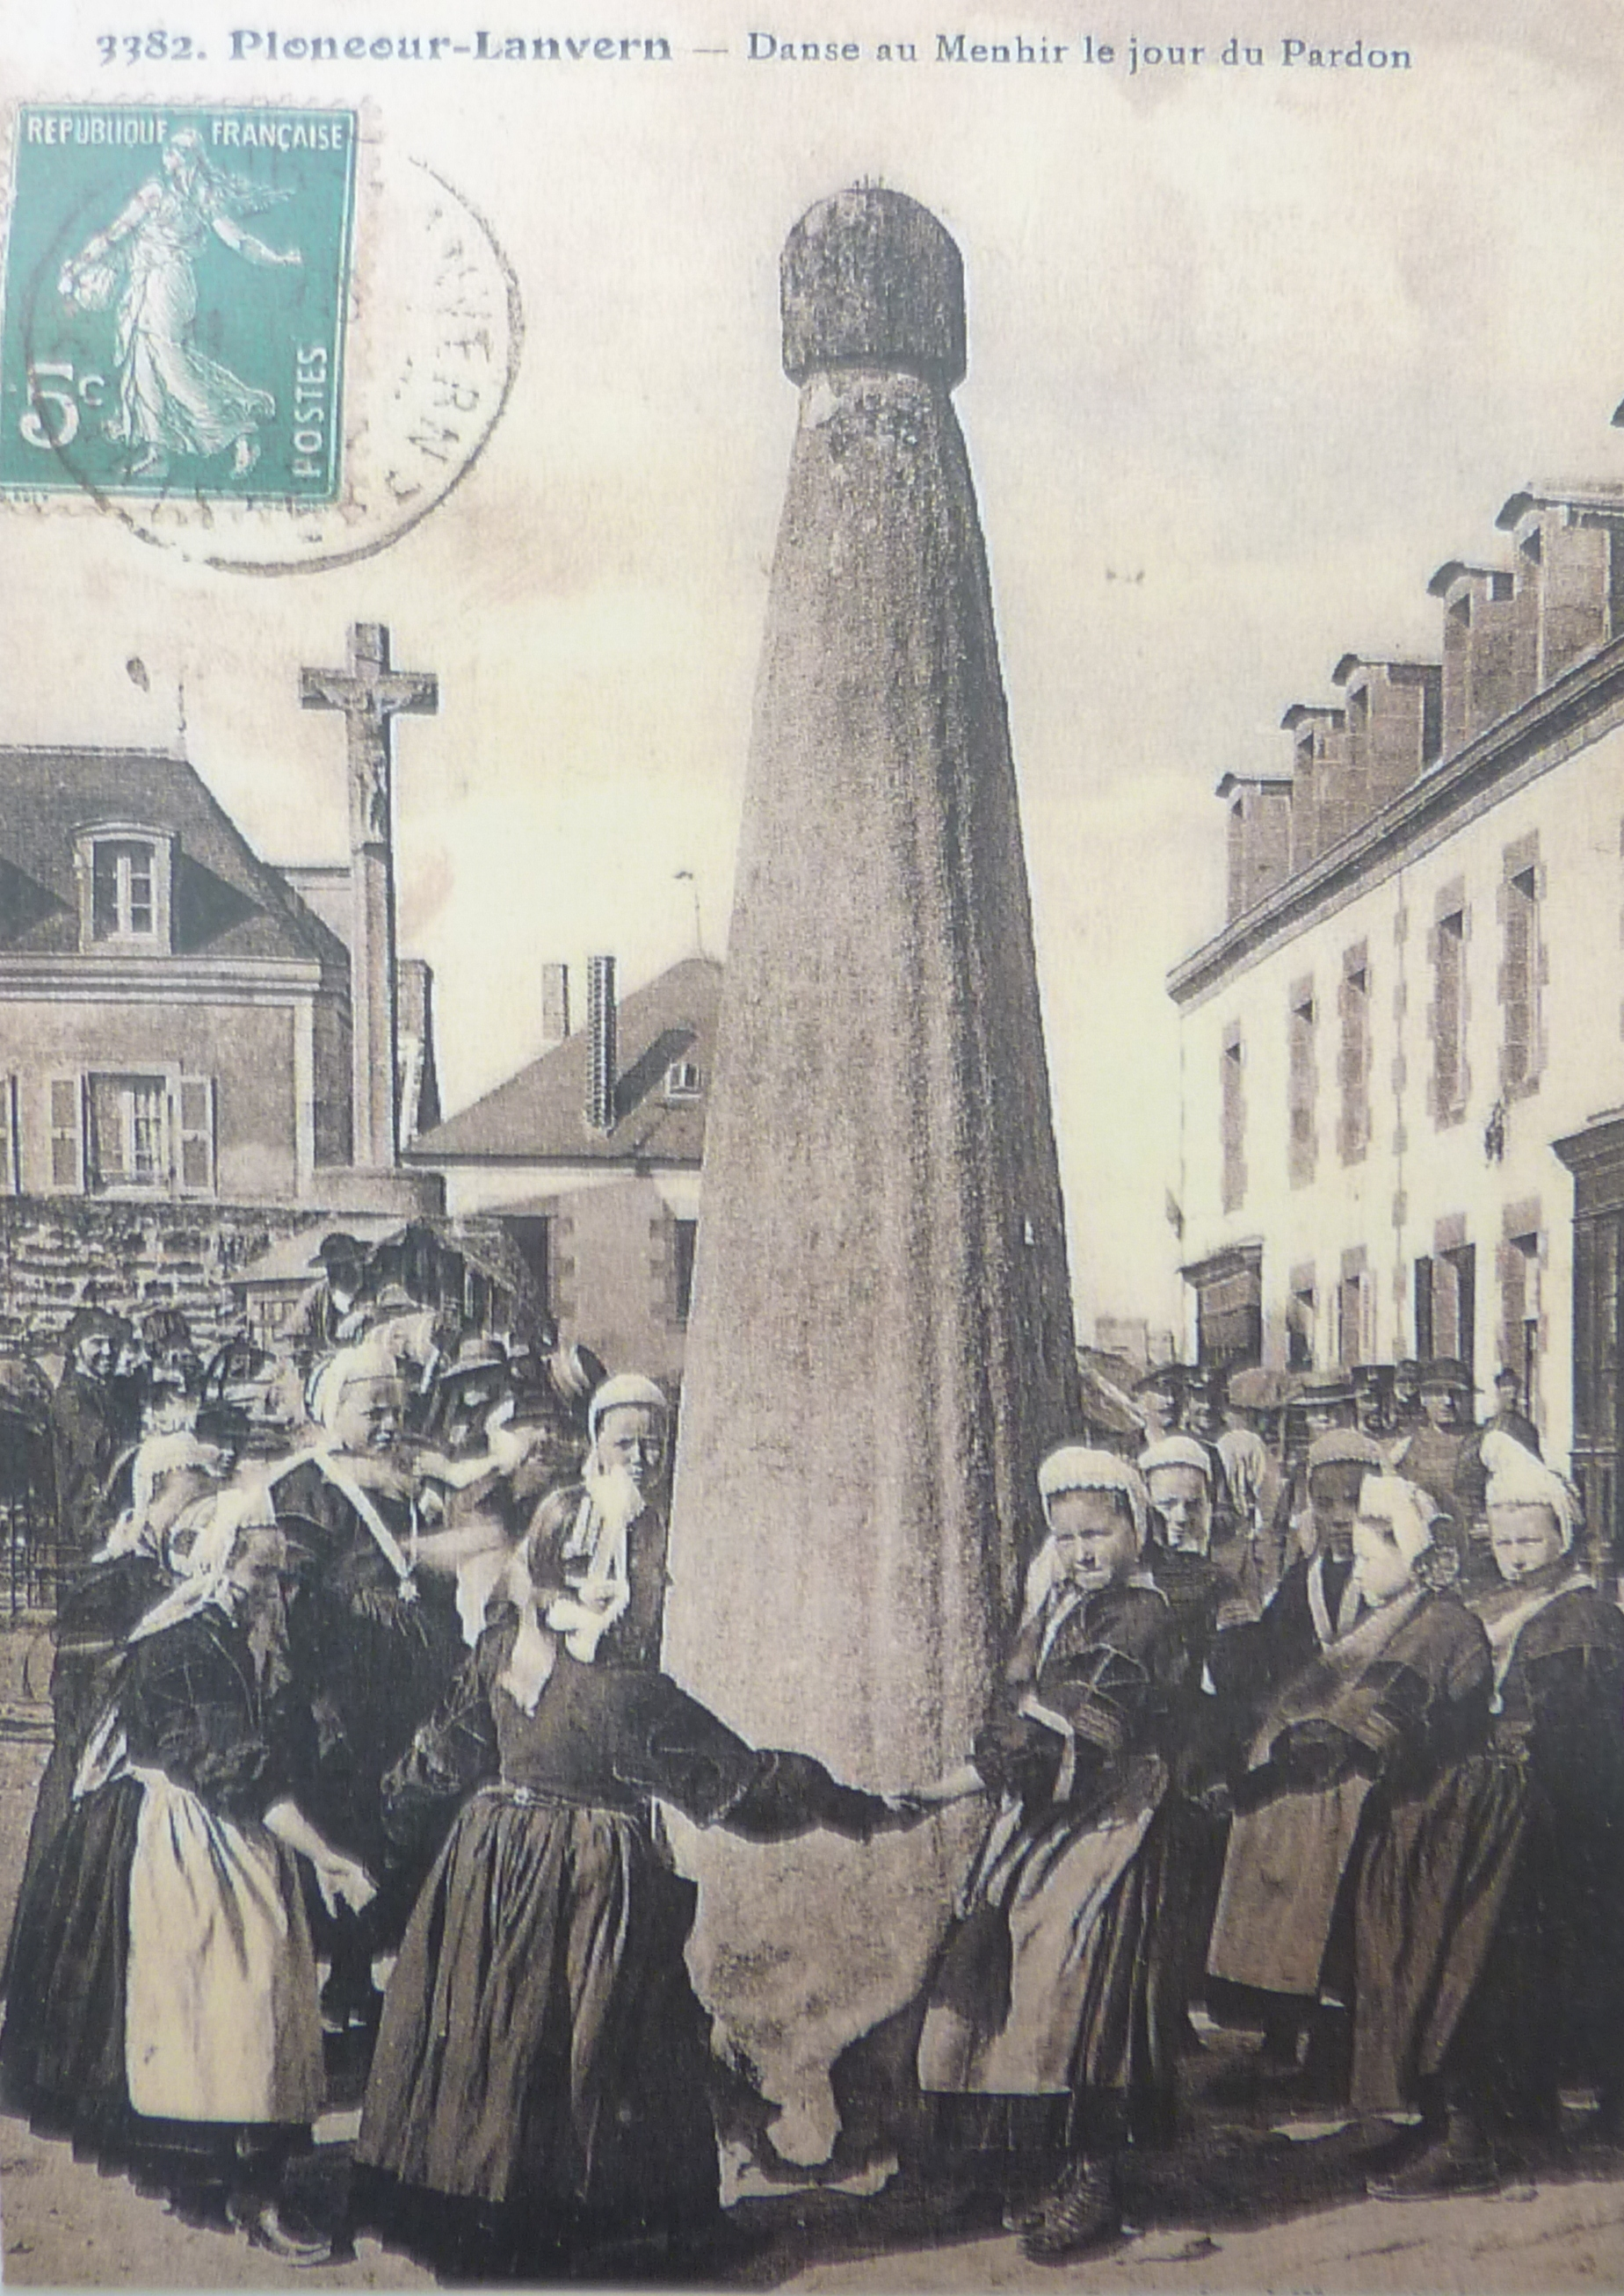 04. Plonéour-Lanvern. Dança do menhir no Dia do Perdão (bilhete postal, início do séc. XX)